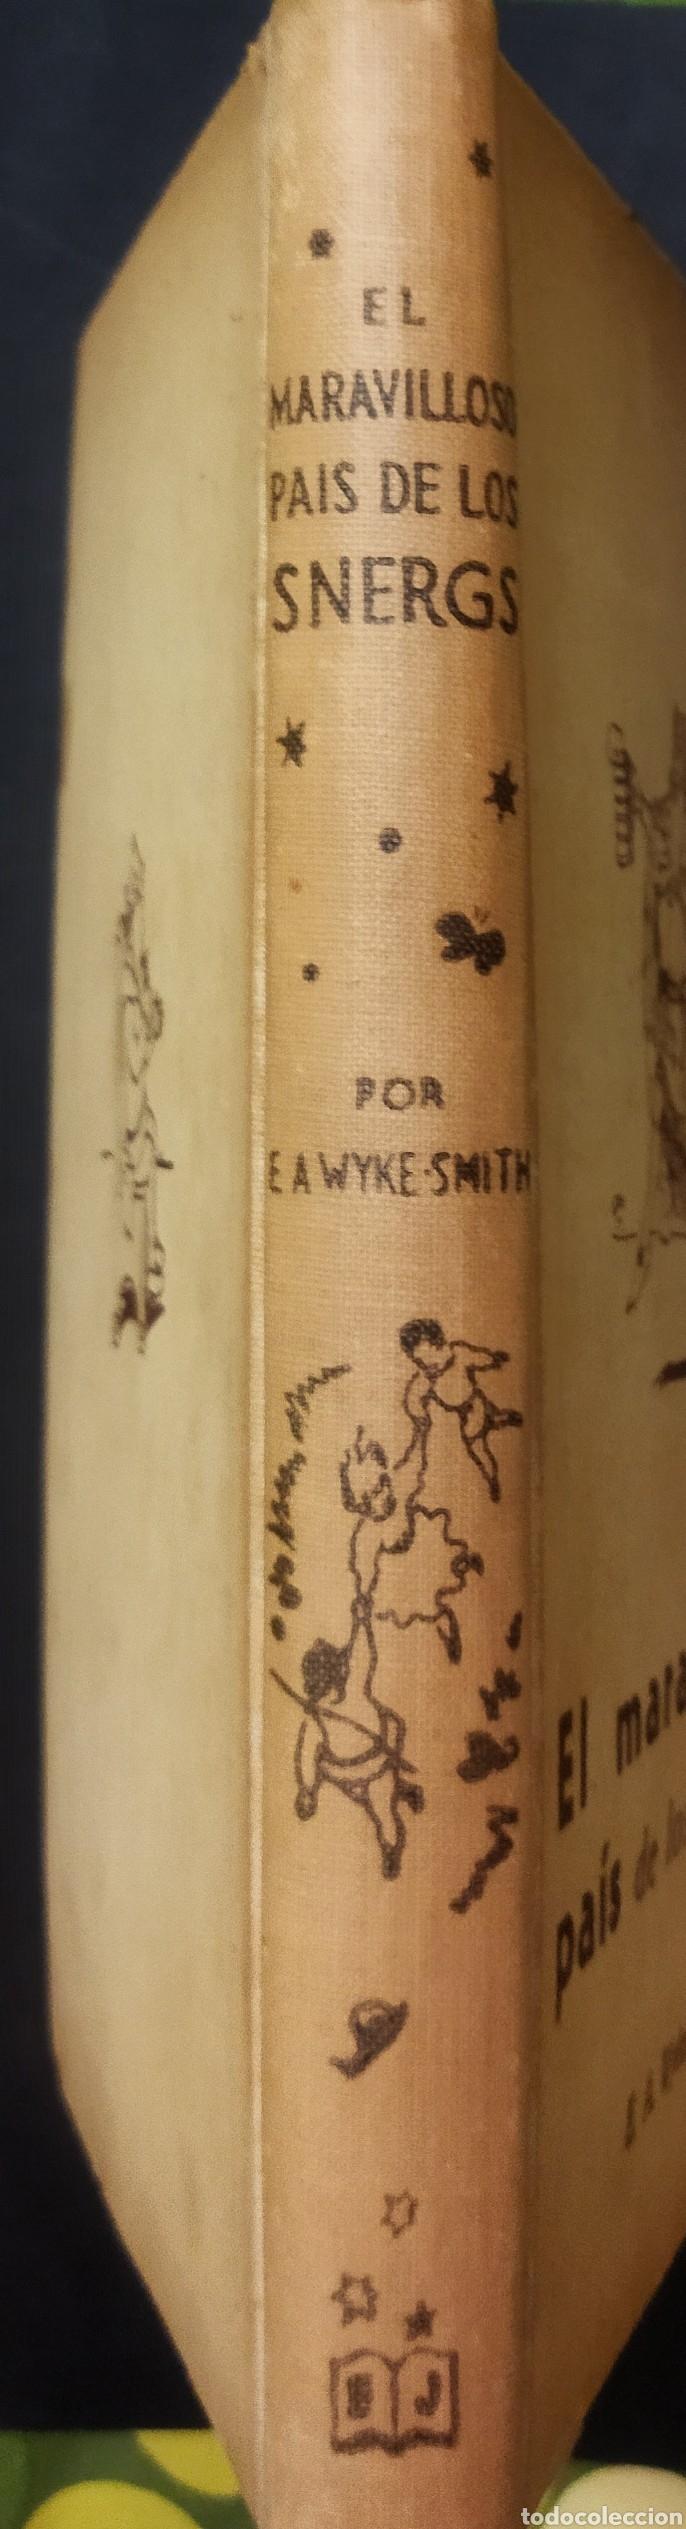 Libros de segunda mano: El Maravilloso País de los Snergs.1 edición 1942.E.A Wyke-Smith - Foto 12 - 257351200